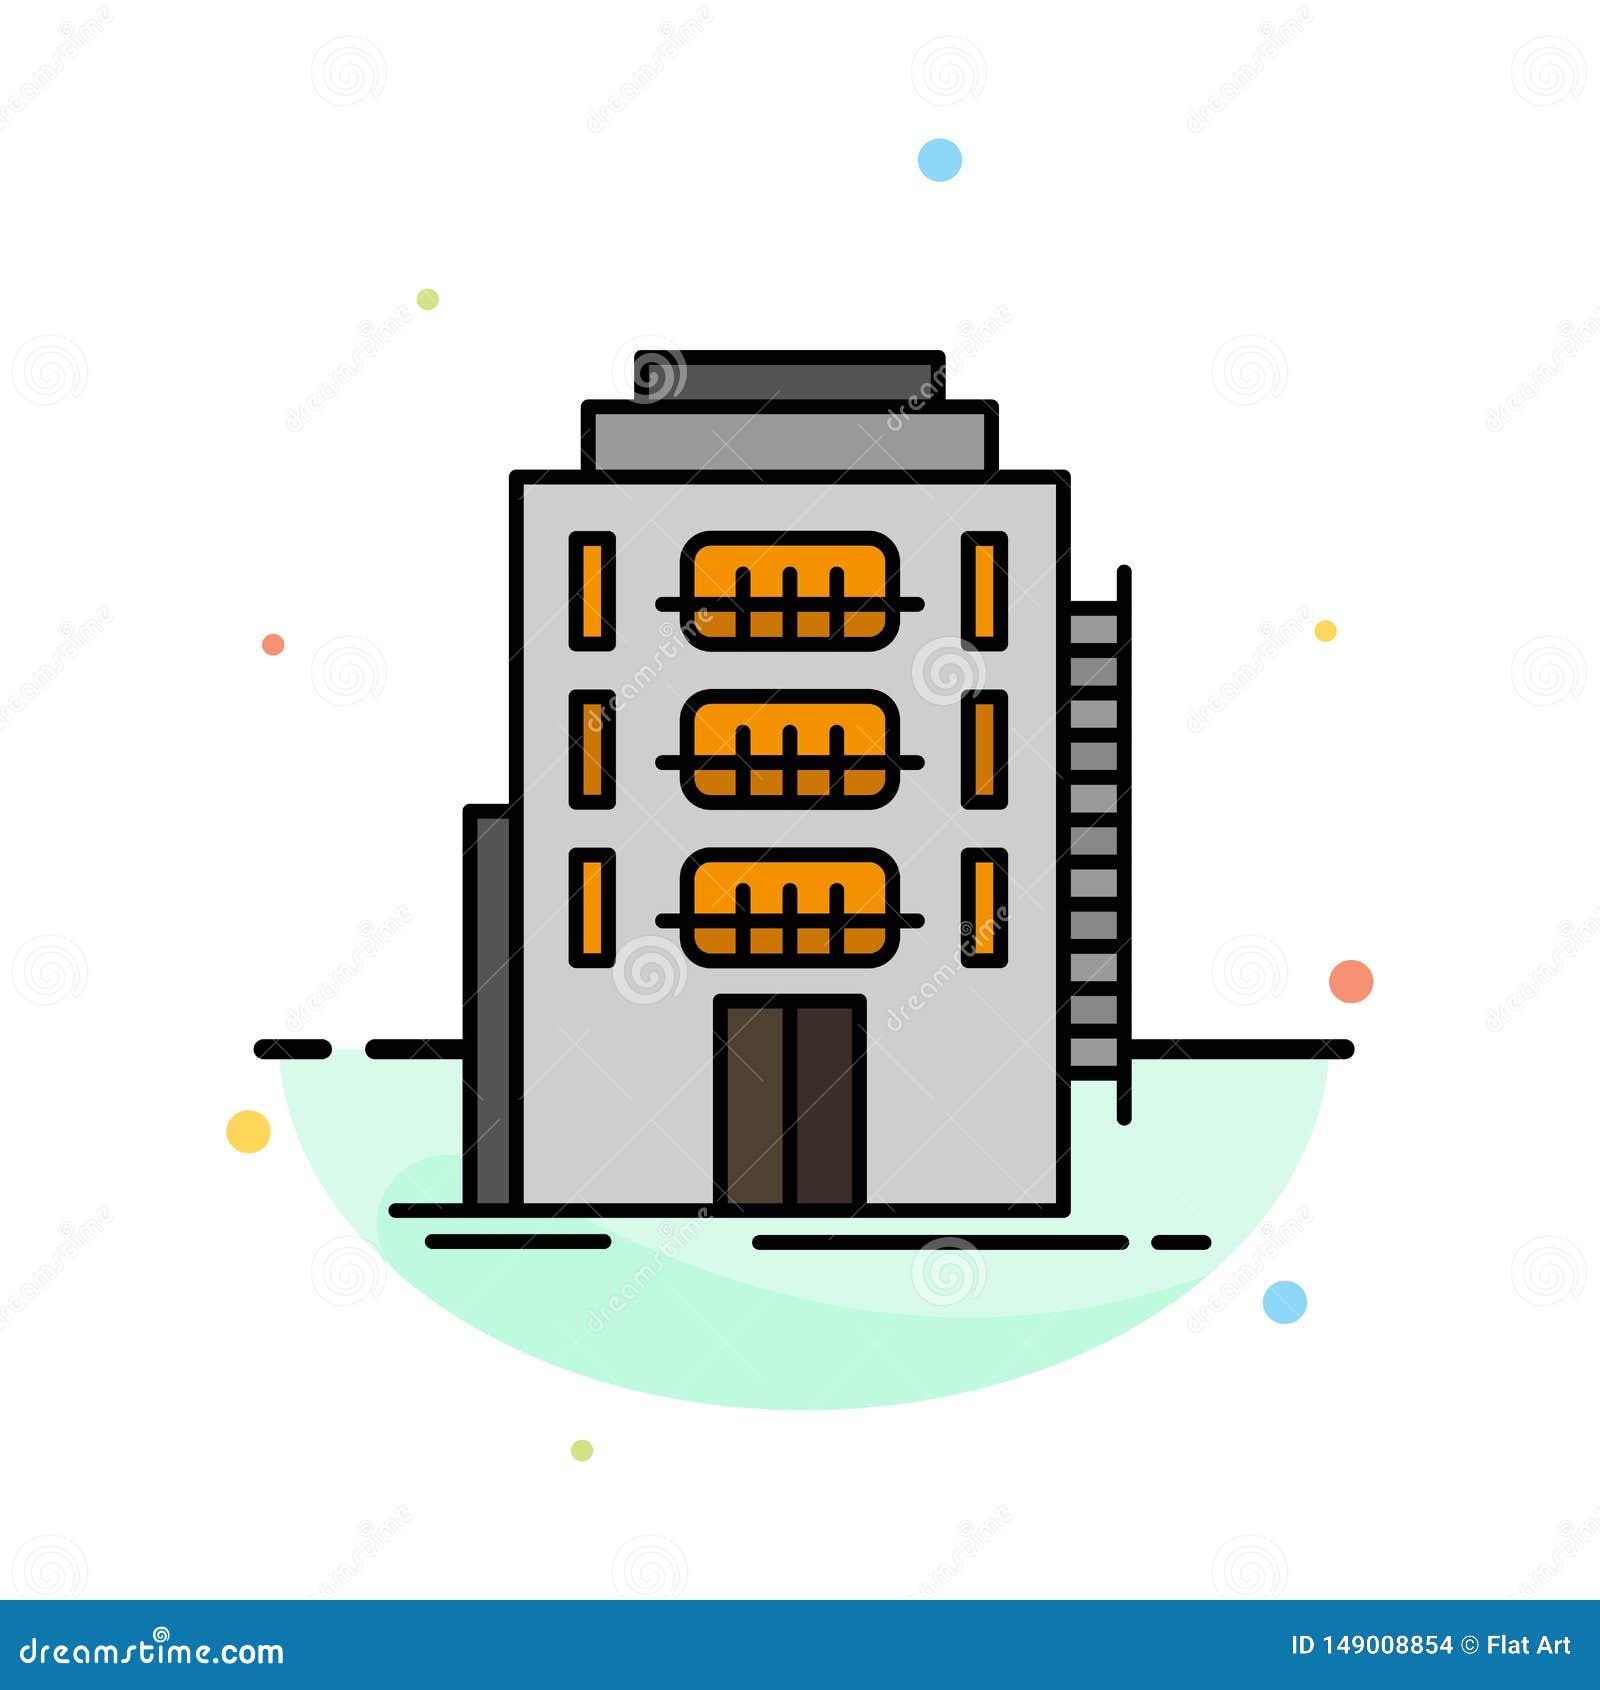 De bouw, Stad, Slaapzaal, Herberg, het Pictogrammalplaatje van de Hotel Abstract Vlak Kleur